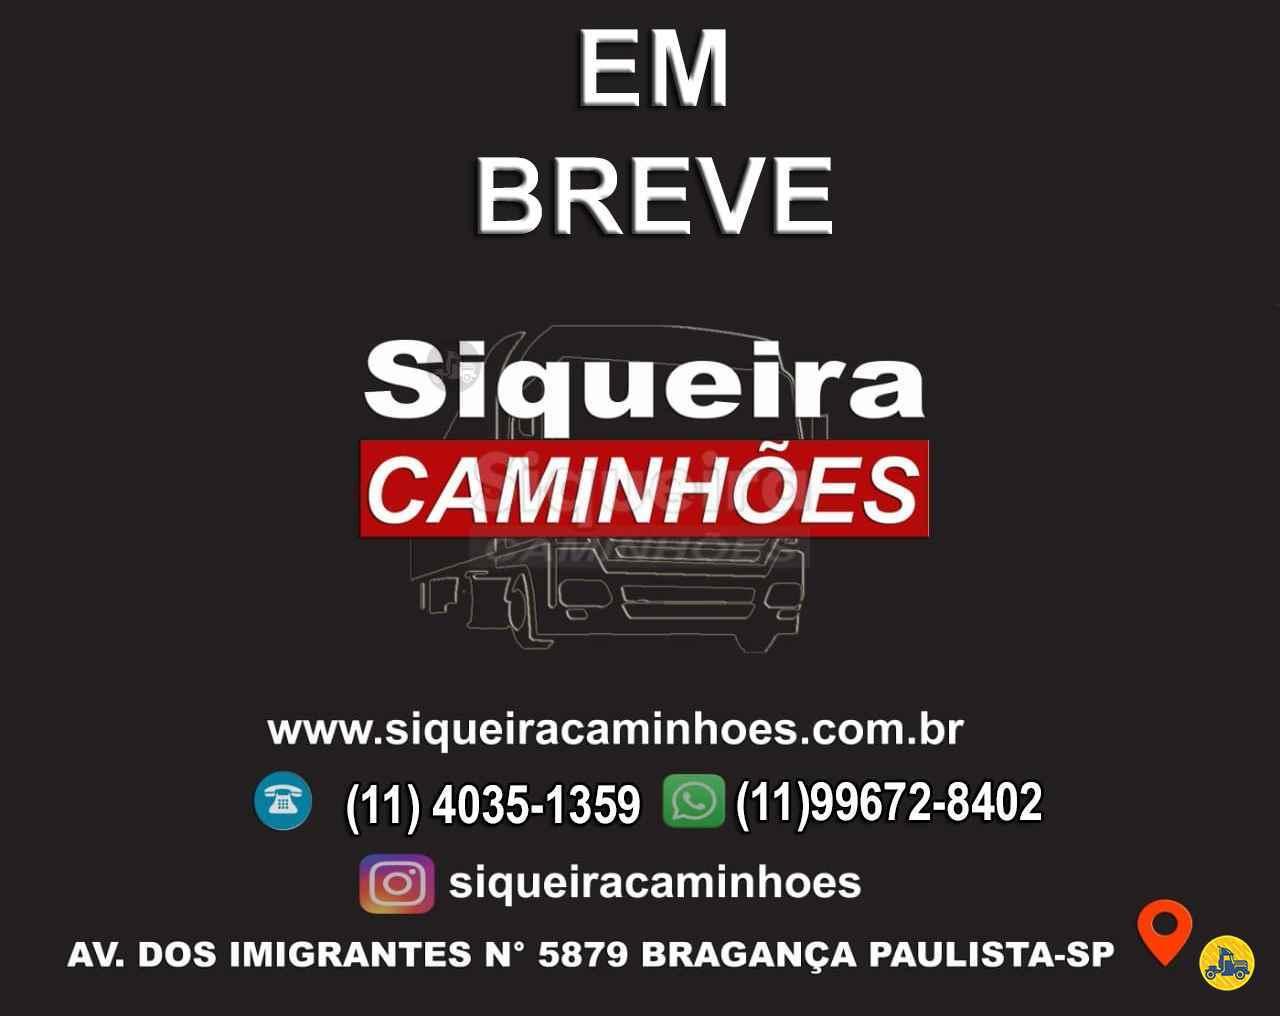 CAMINHAO FORD CARGO 2422 Carga Seca Truck 6x2 Siqueira Caminhões BRAGANCA PAULISTA SÃO PAULO SP